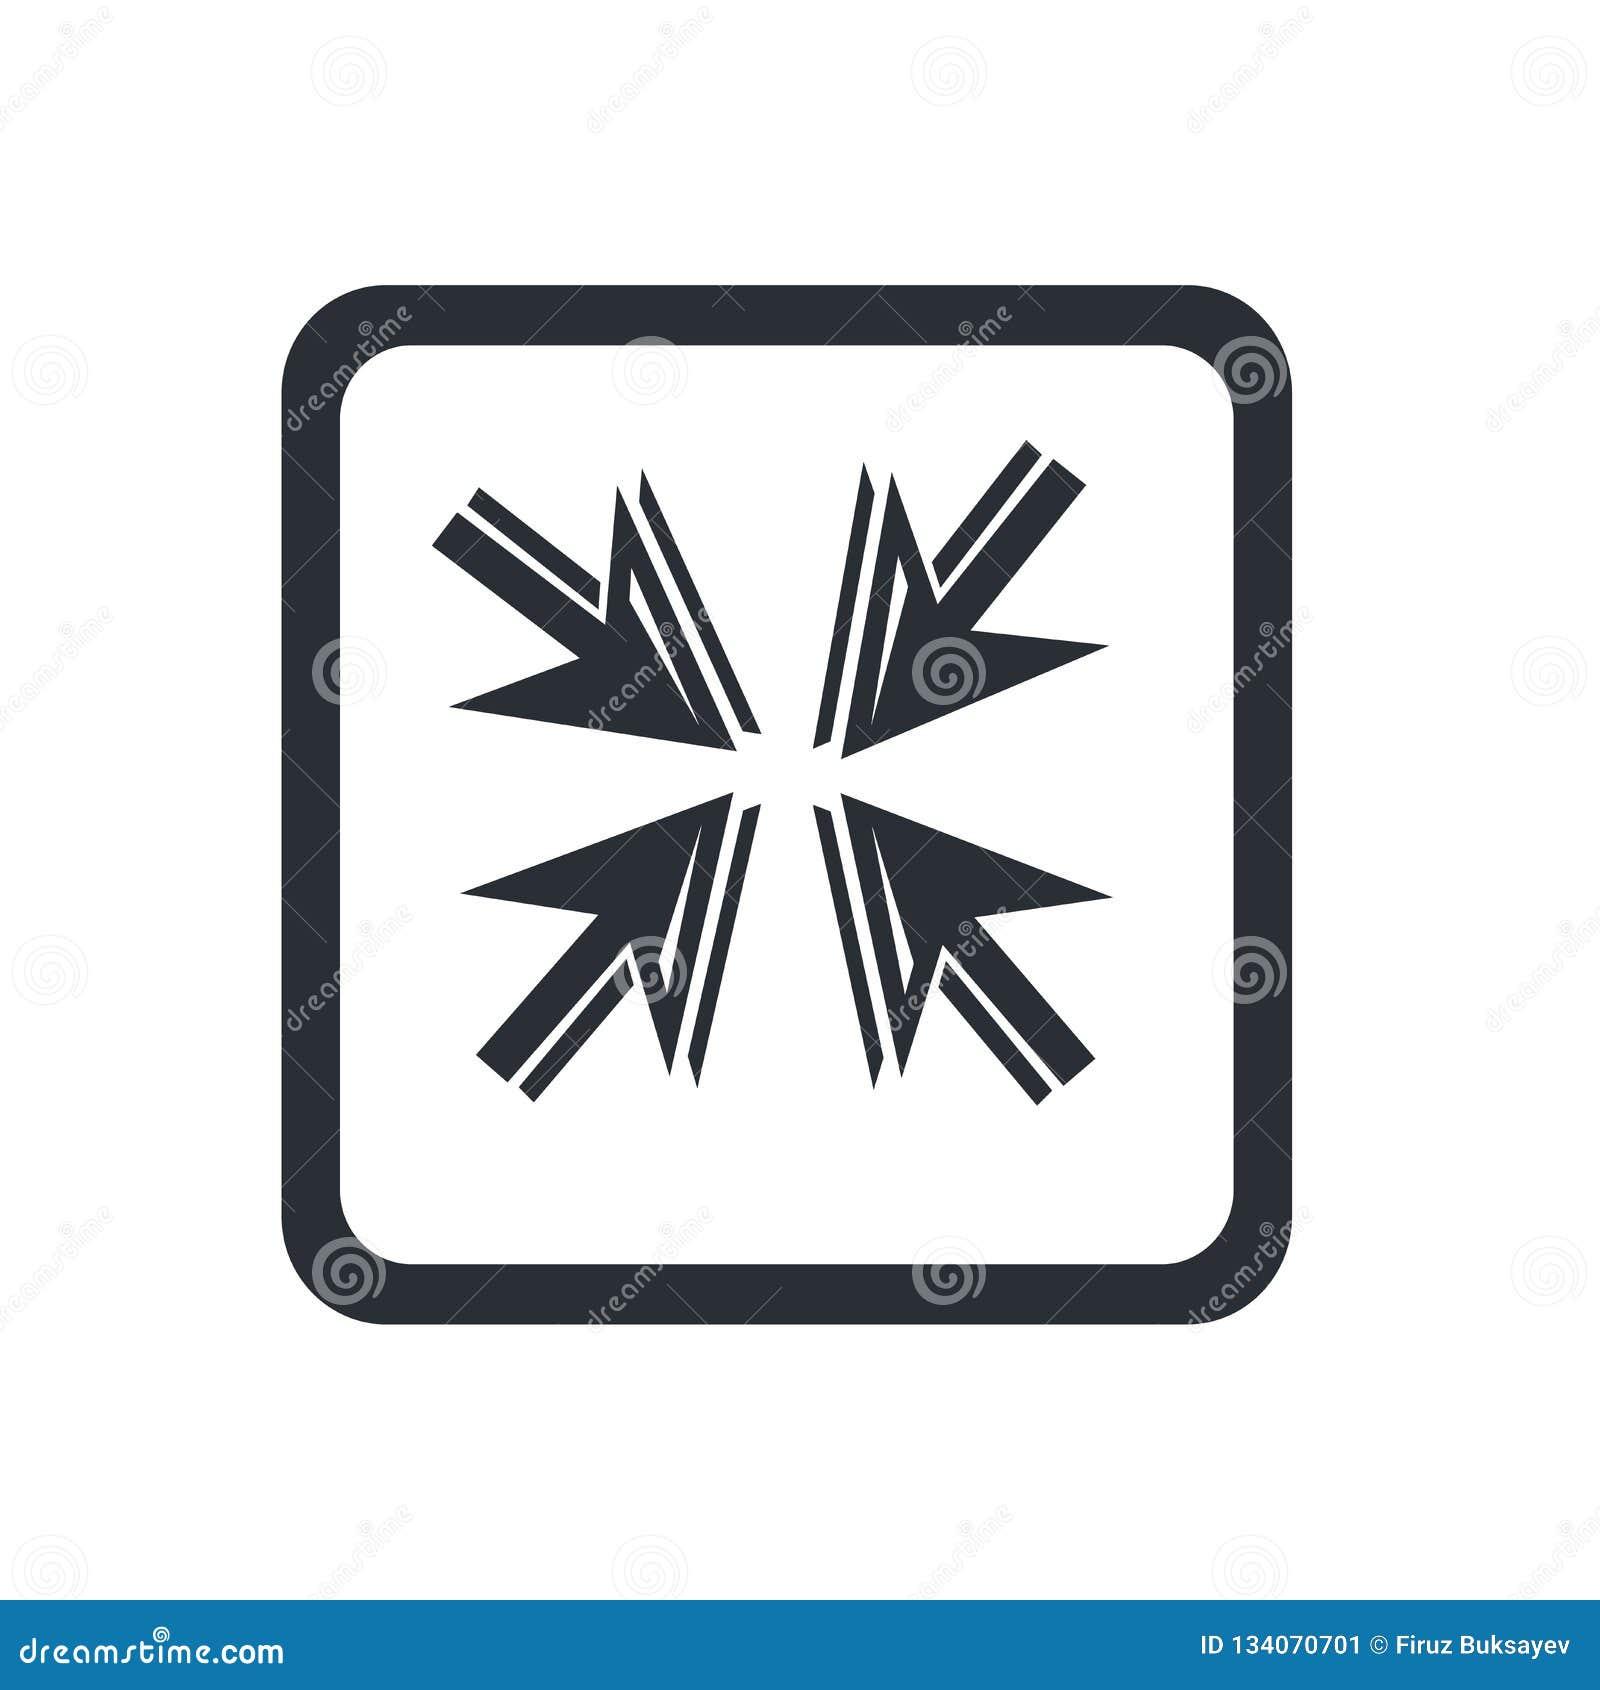 Знак и символ вектора значка стрелок движения изолированные на белой предпосылке, концепции логотипа стрелок движения